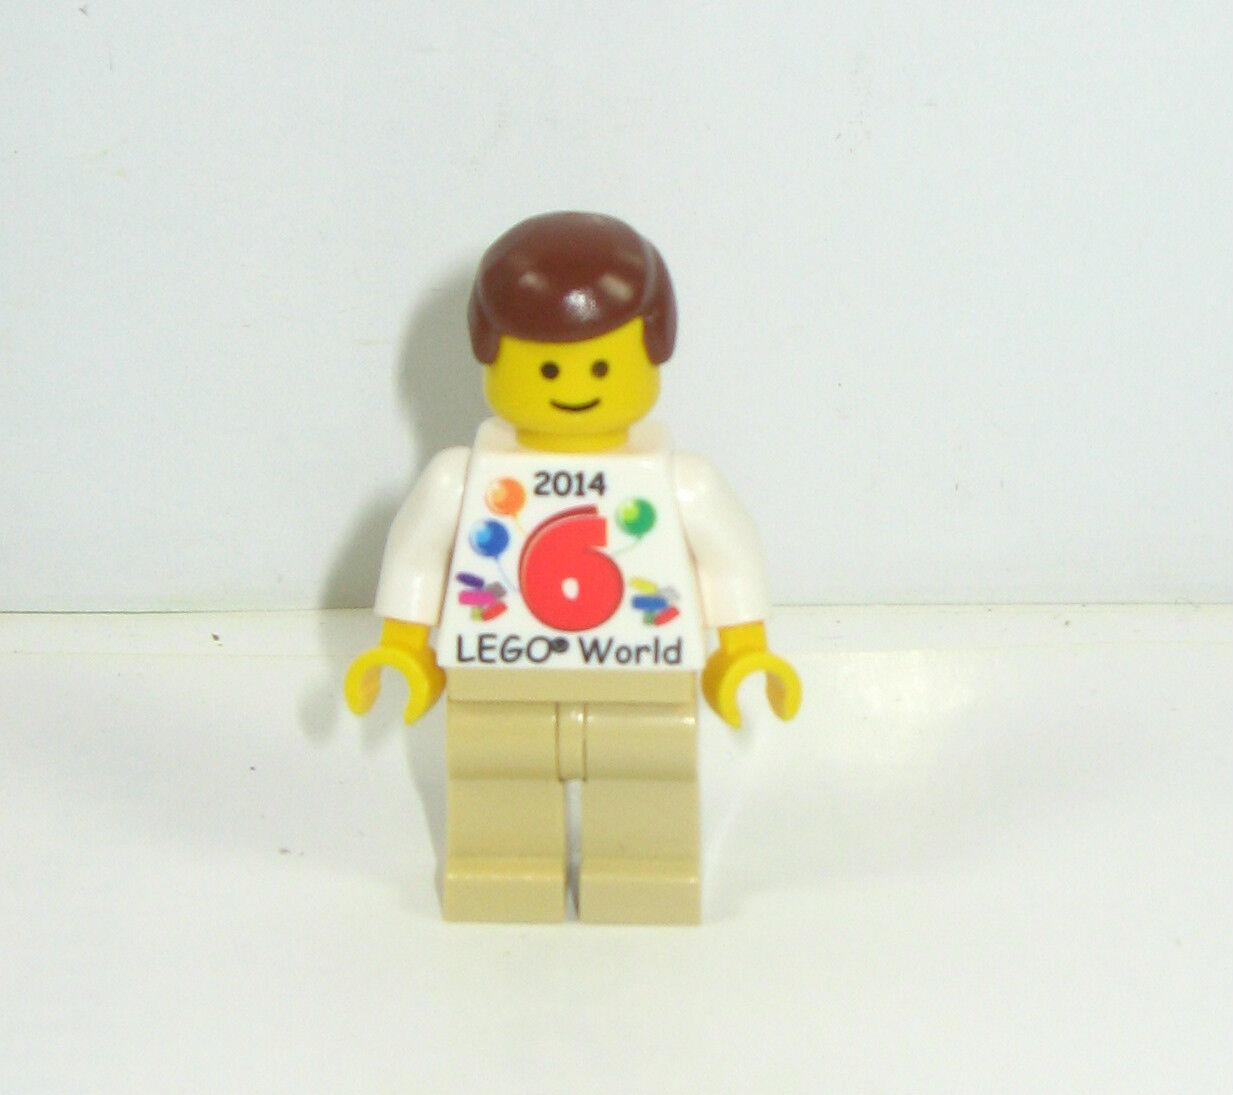 LEGO PROMO Exclusive Denmark personaggio con pneumotorace LEGO World 2014  02  k30